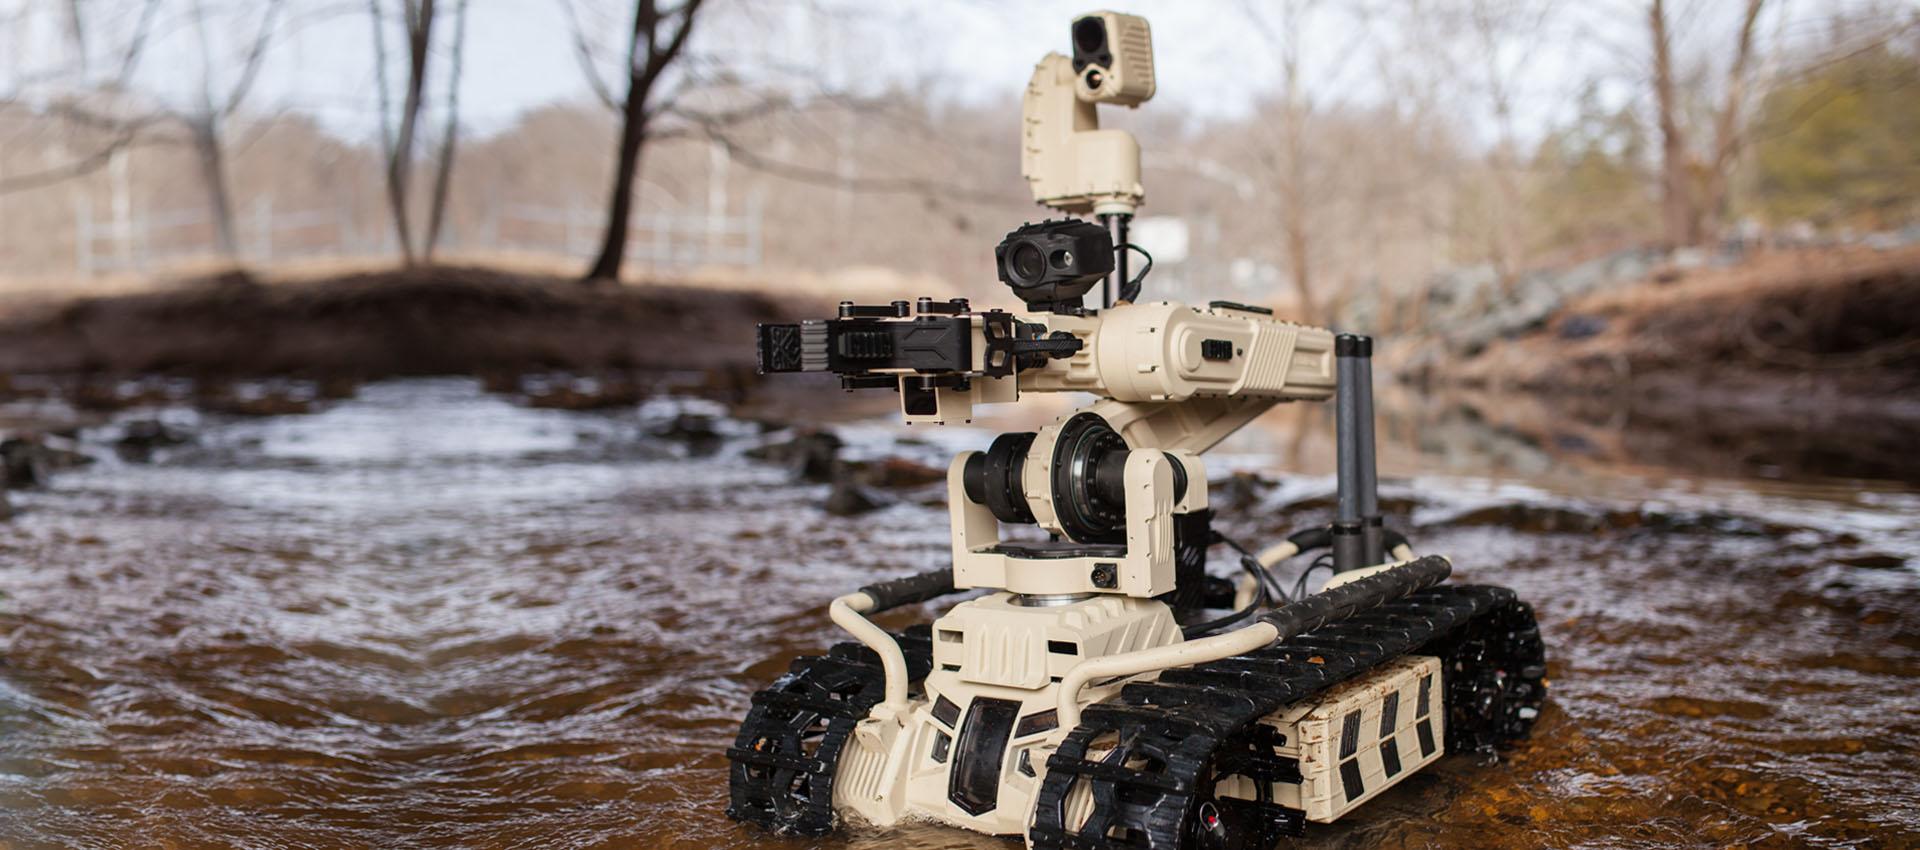 Военные роботы и их разработчики. Часть 2 - 22